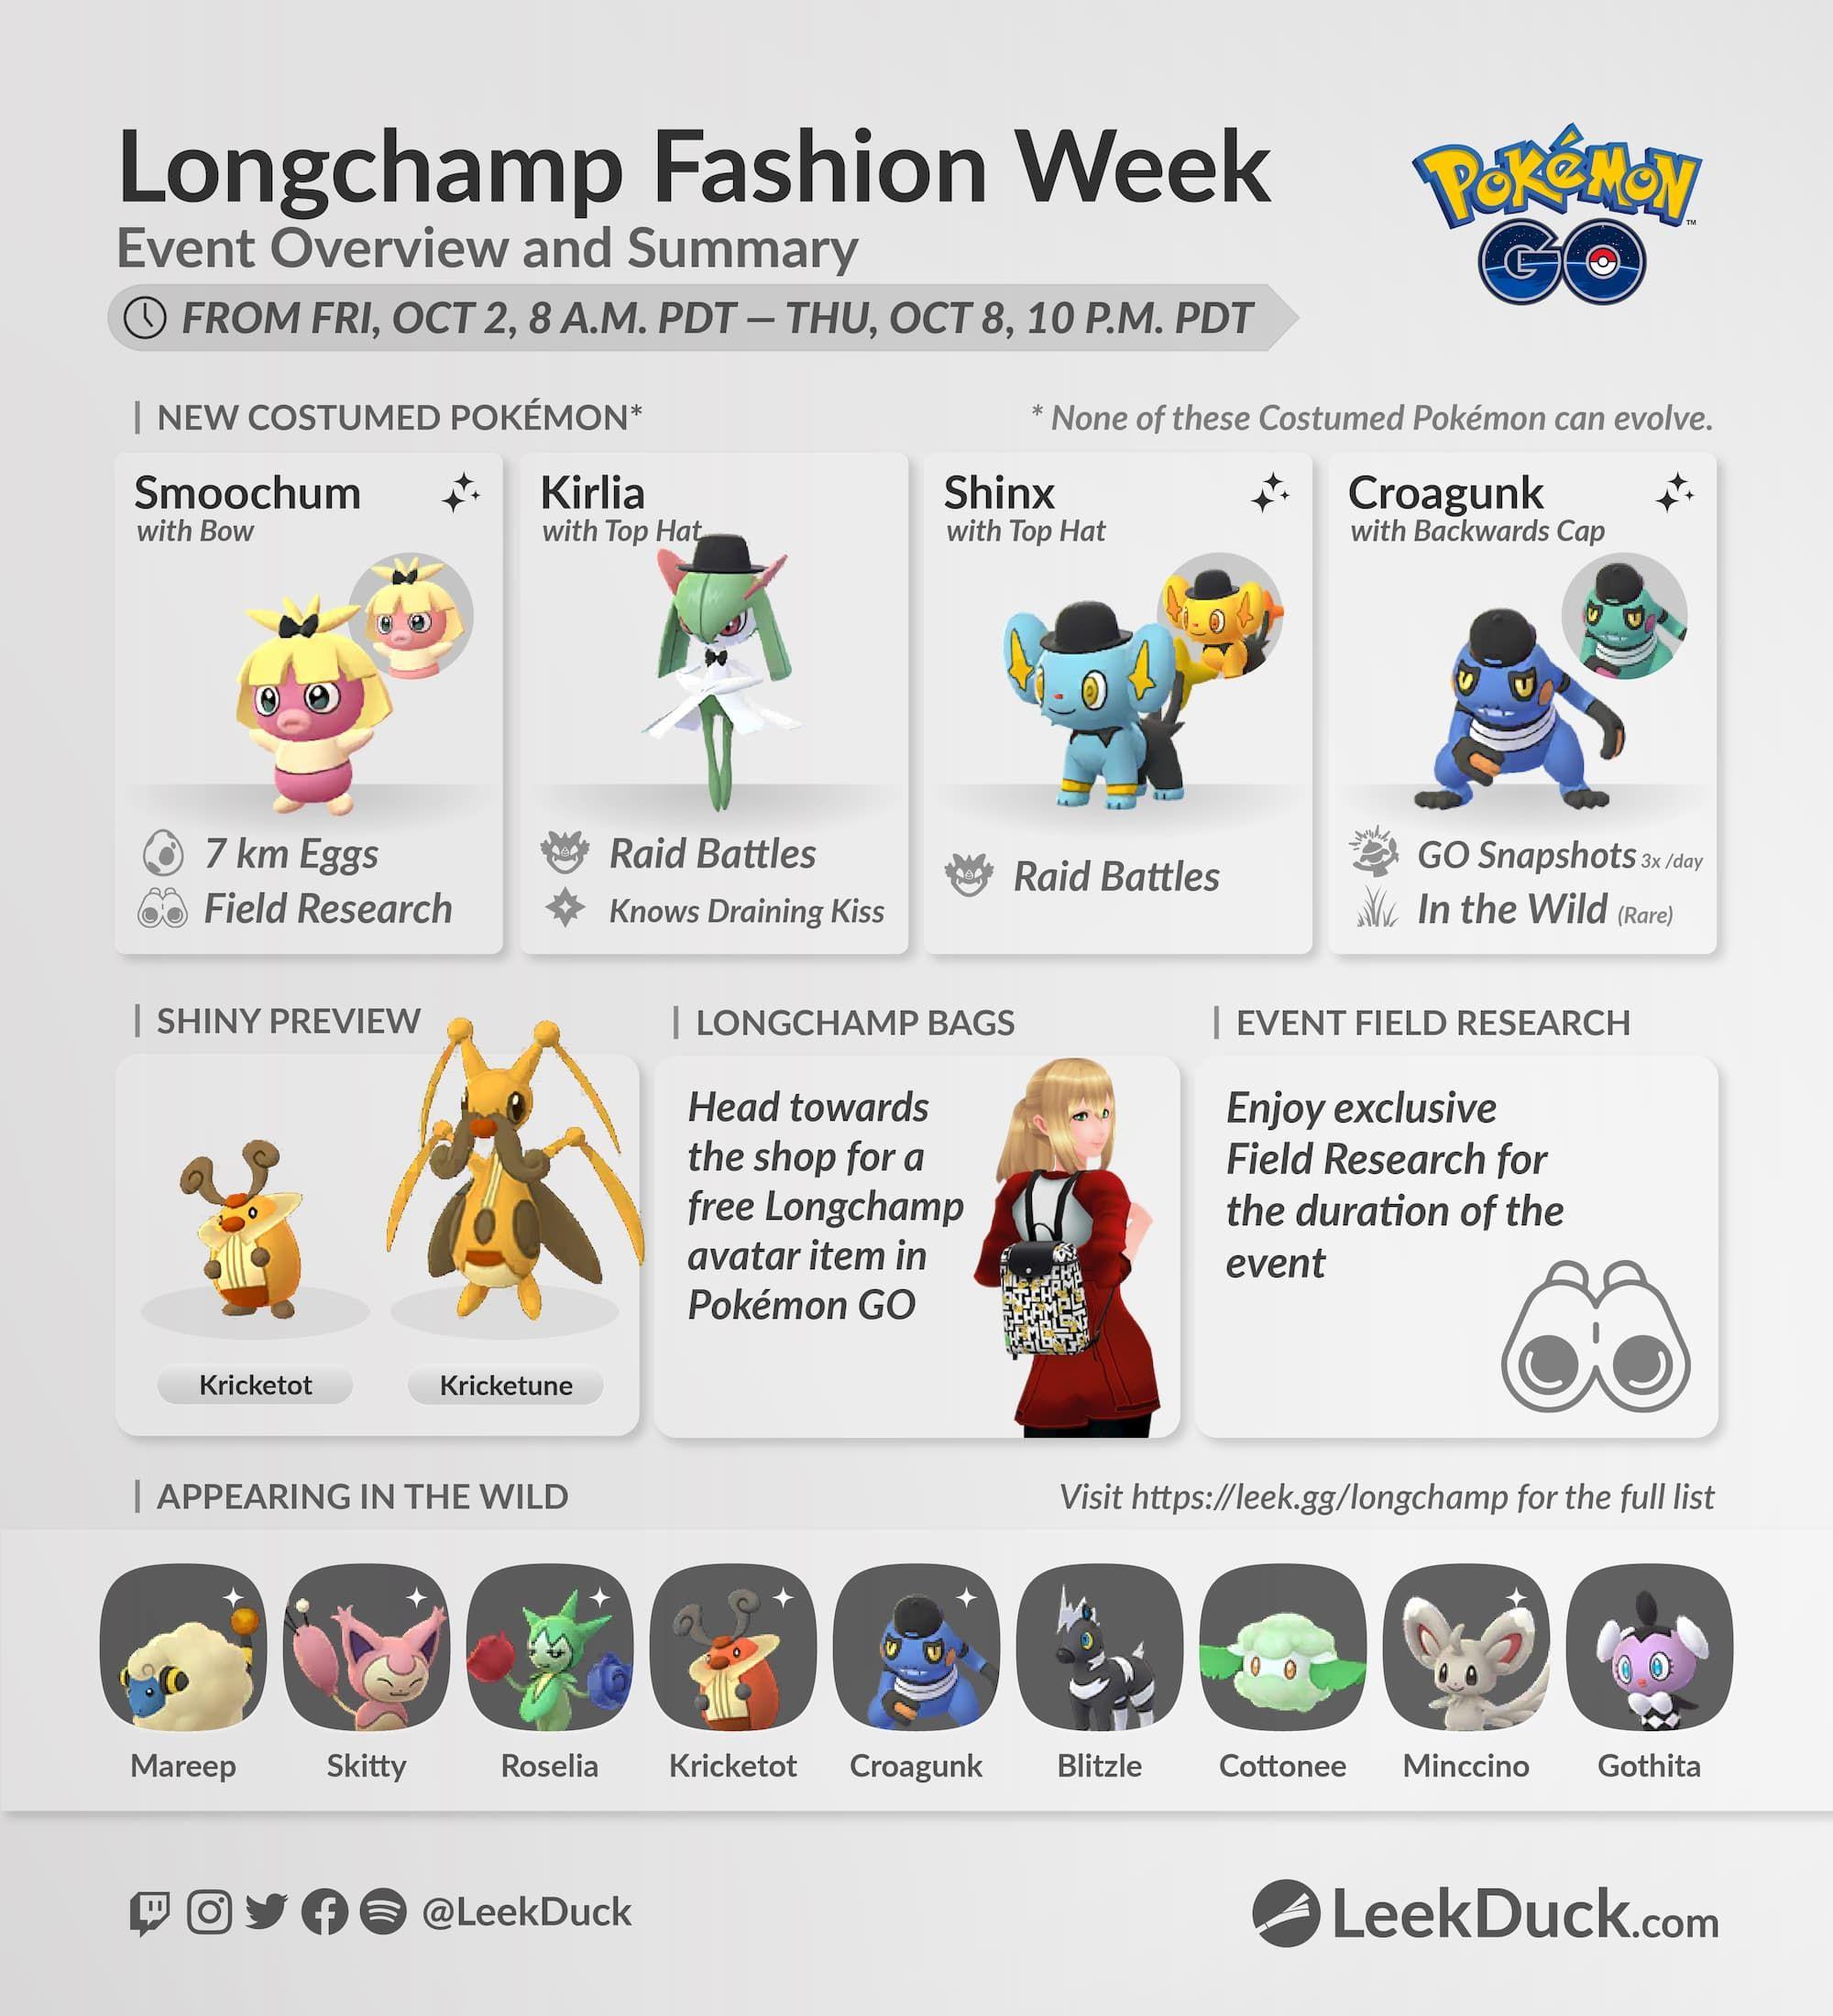 Pin By Kristopher Kranock On Pokemon Go Pokemon Pokemon Go Go Game